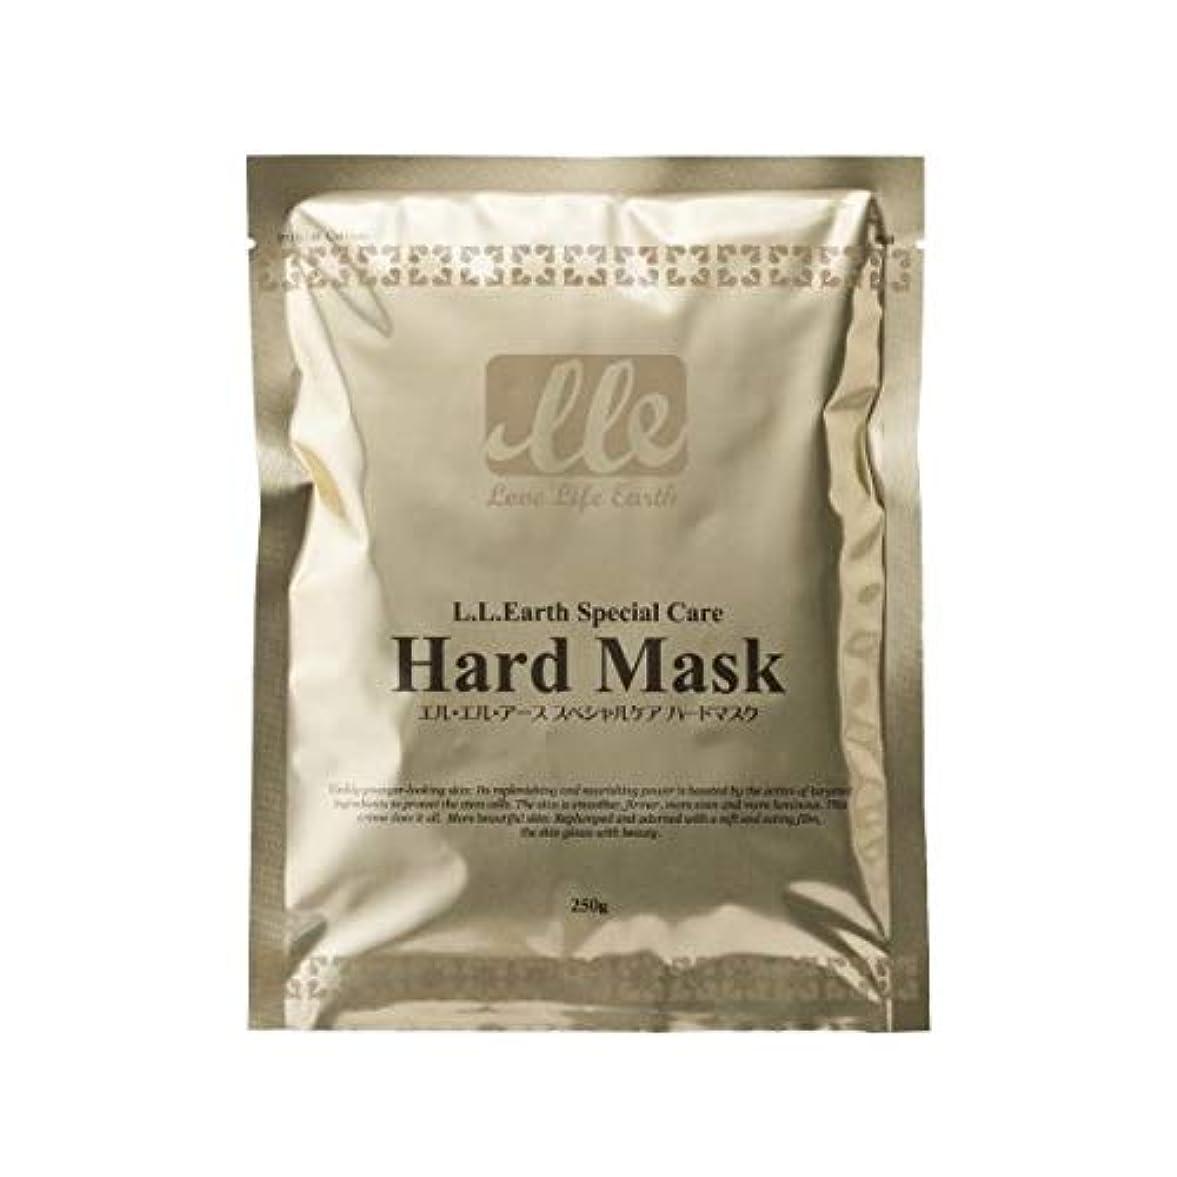 不適拾う襲撃LLE ハードマスク 業務用 250g×5 石膏パック フェイスパック パック エステ用品